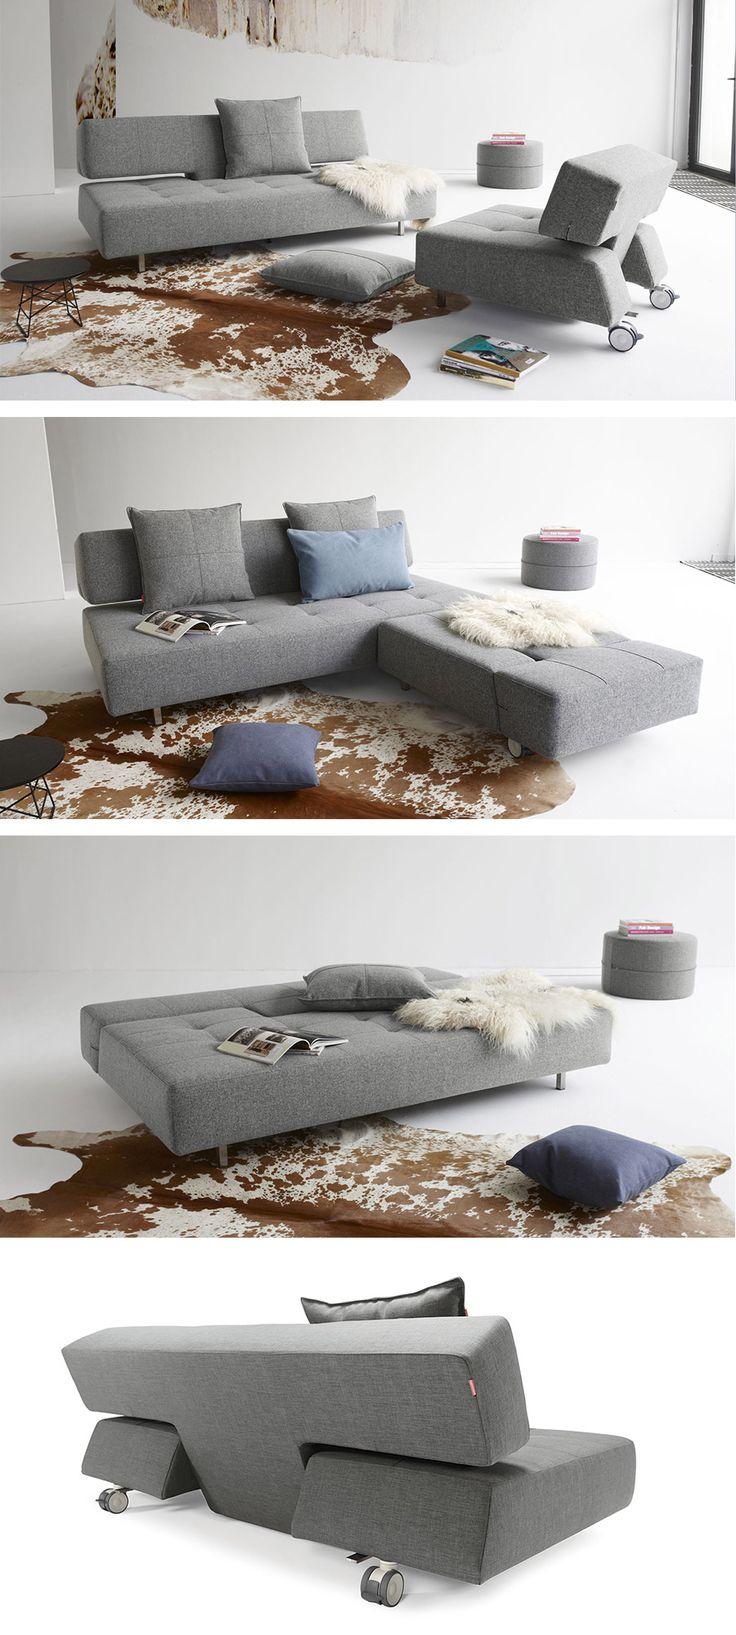 """Verstellbares Schlafsofa """"Ross"""" – ein echter Alleskönner.   Betten.de #schlafsofa #wohnzimmer #einrichten http://www.betten.de/schlafsofa-verstellbar-sitztiefe-70-cm-ross.html"""